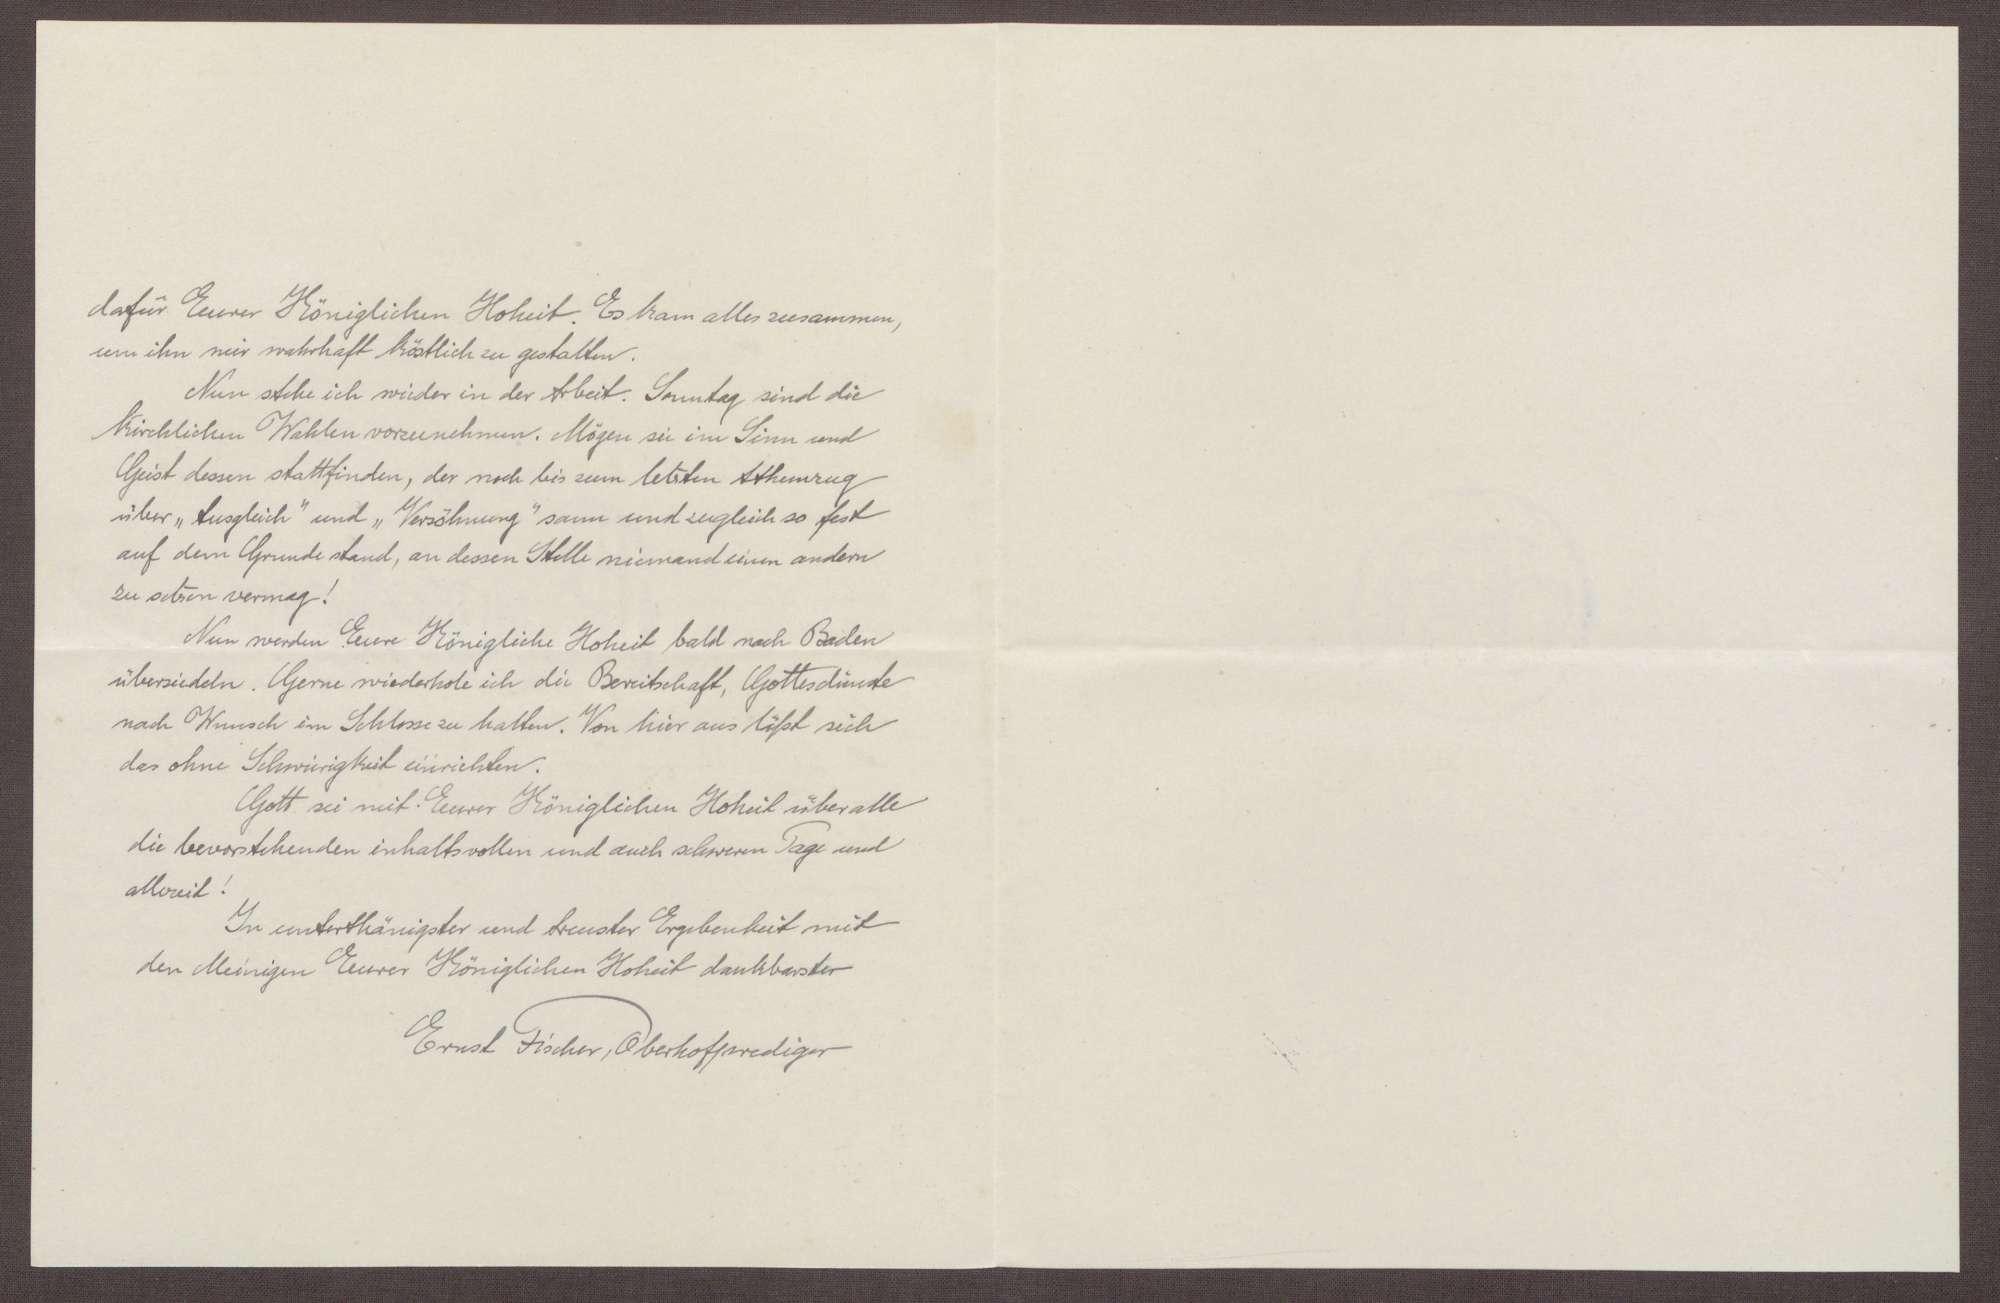 Schreiben von Ernst Fischer an die Großherzogin Luise; Erinnerung an den Tod von Großherzog Friedrich I. und Erinnerungen an einen Aufenthalt auf der Insel Mainau, Bild 2